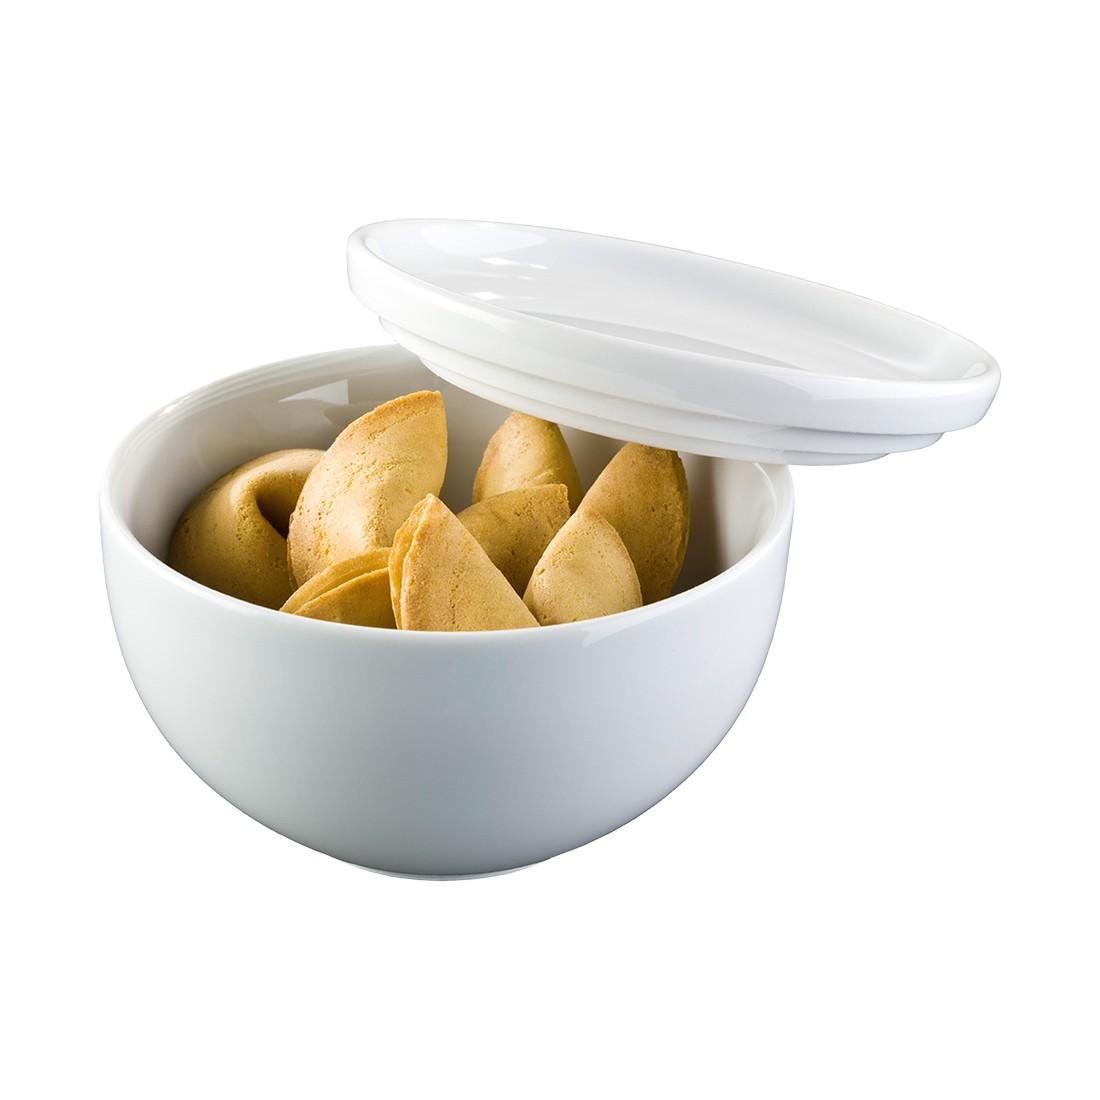 Schüssel Cucina weiß – Porzellan Weiß, Springlane jetzt bestellen